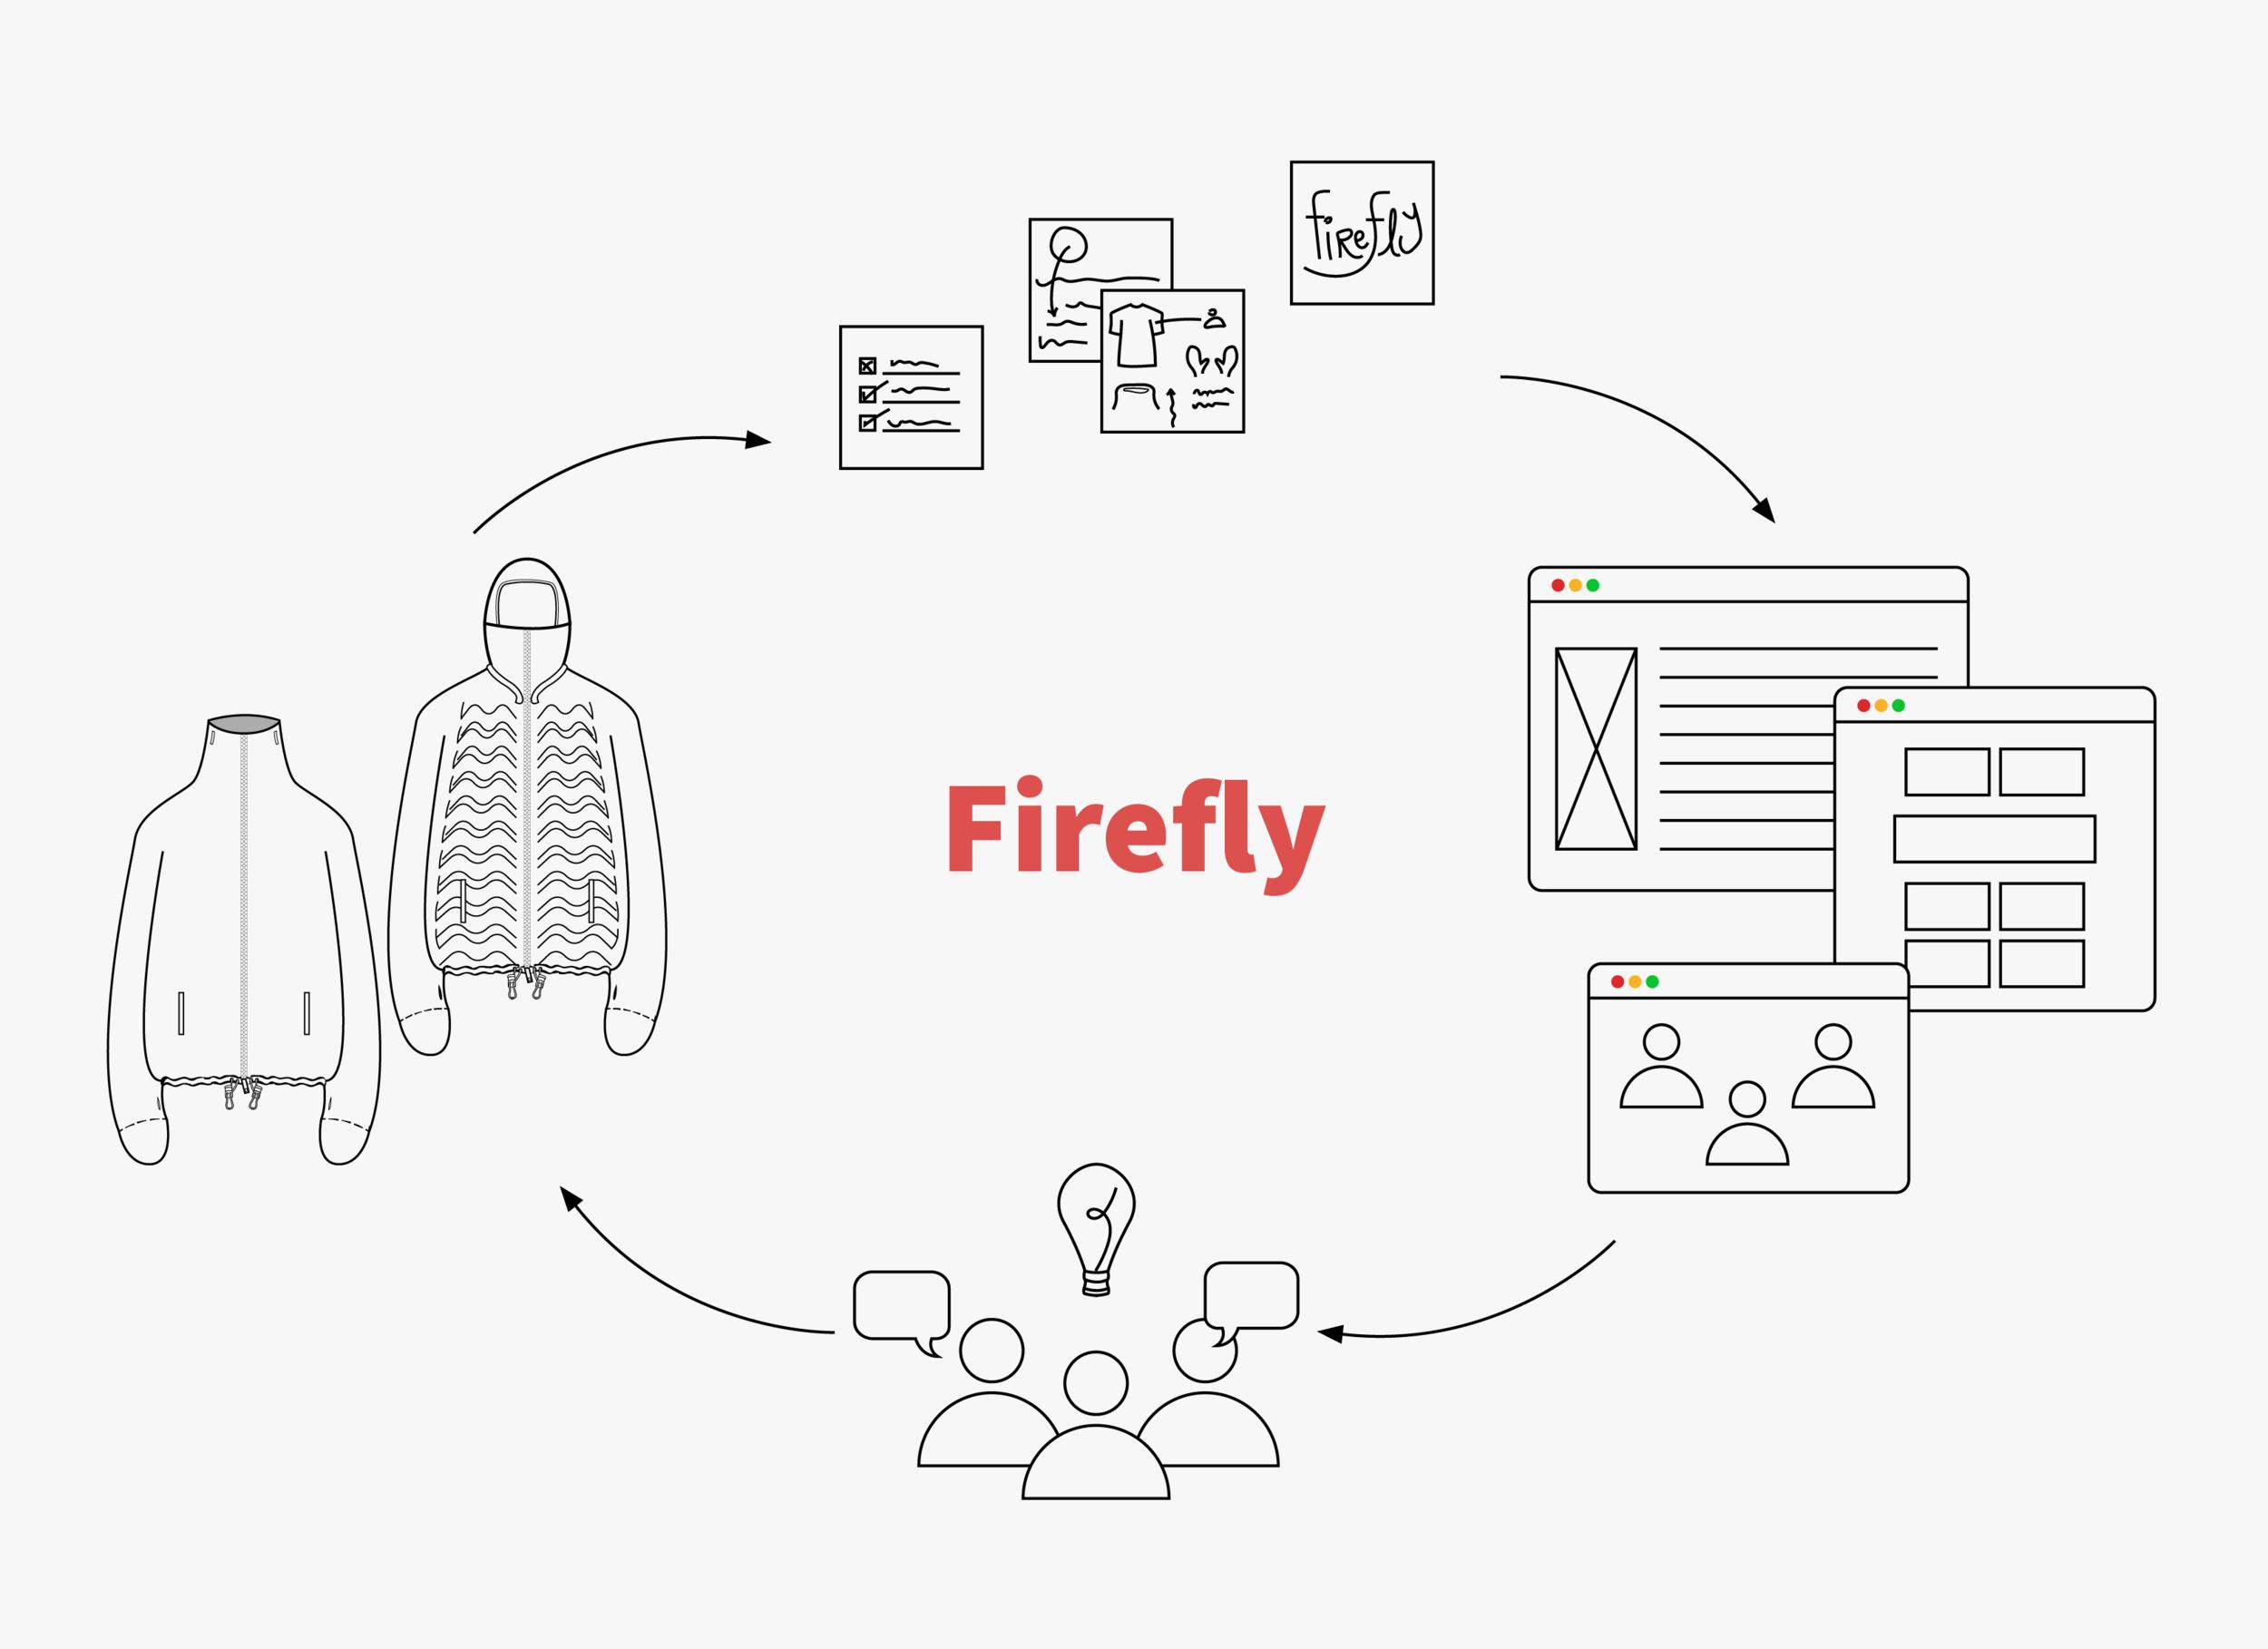 Firefly, Spring 2019